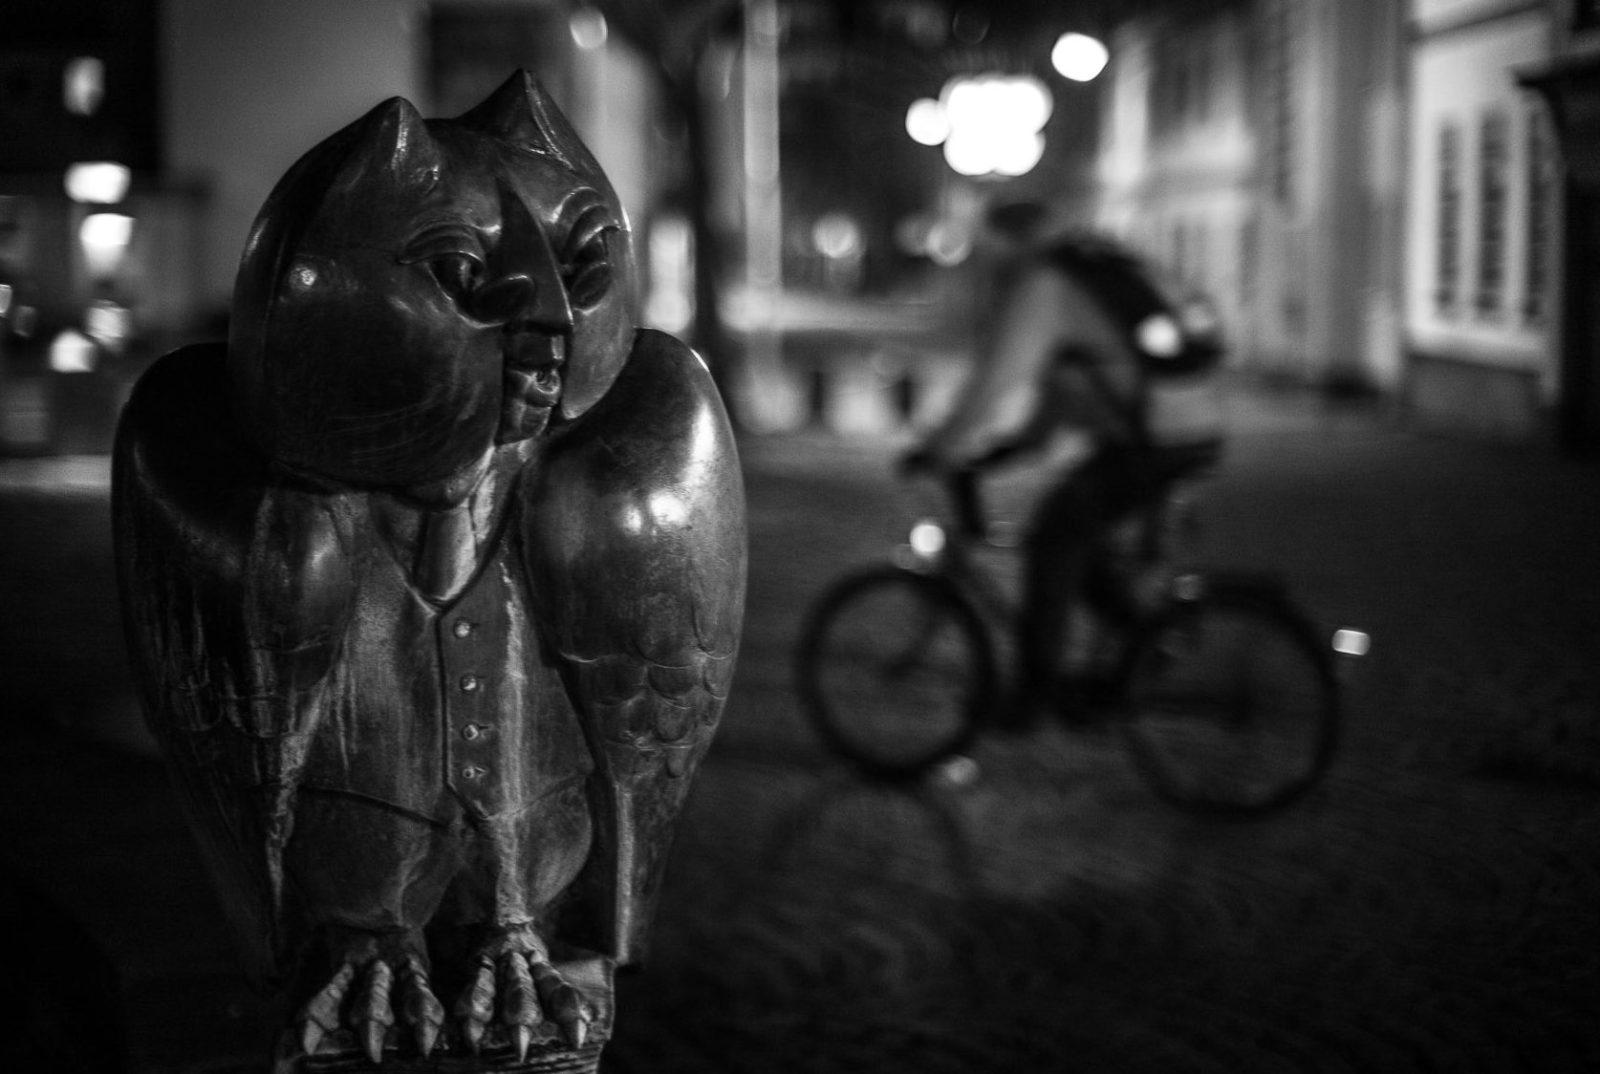 20190212_Nacht-in-der-Stadt_001-e1555881378238.jpg